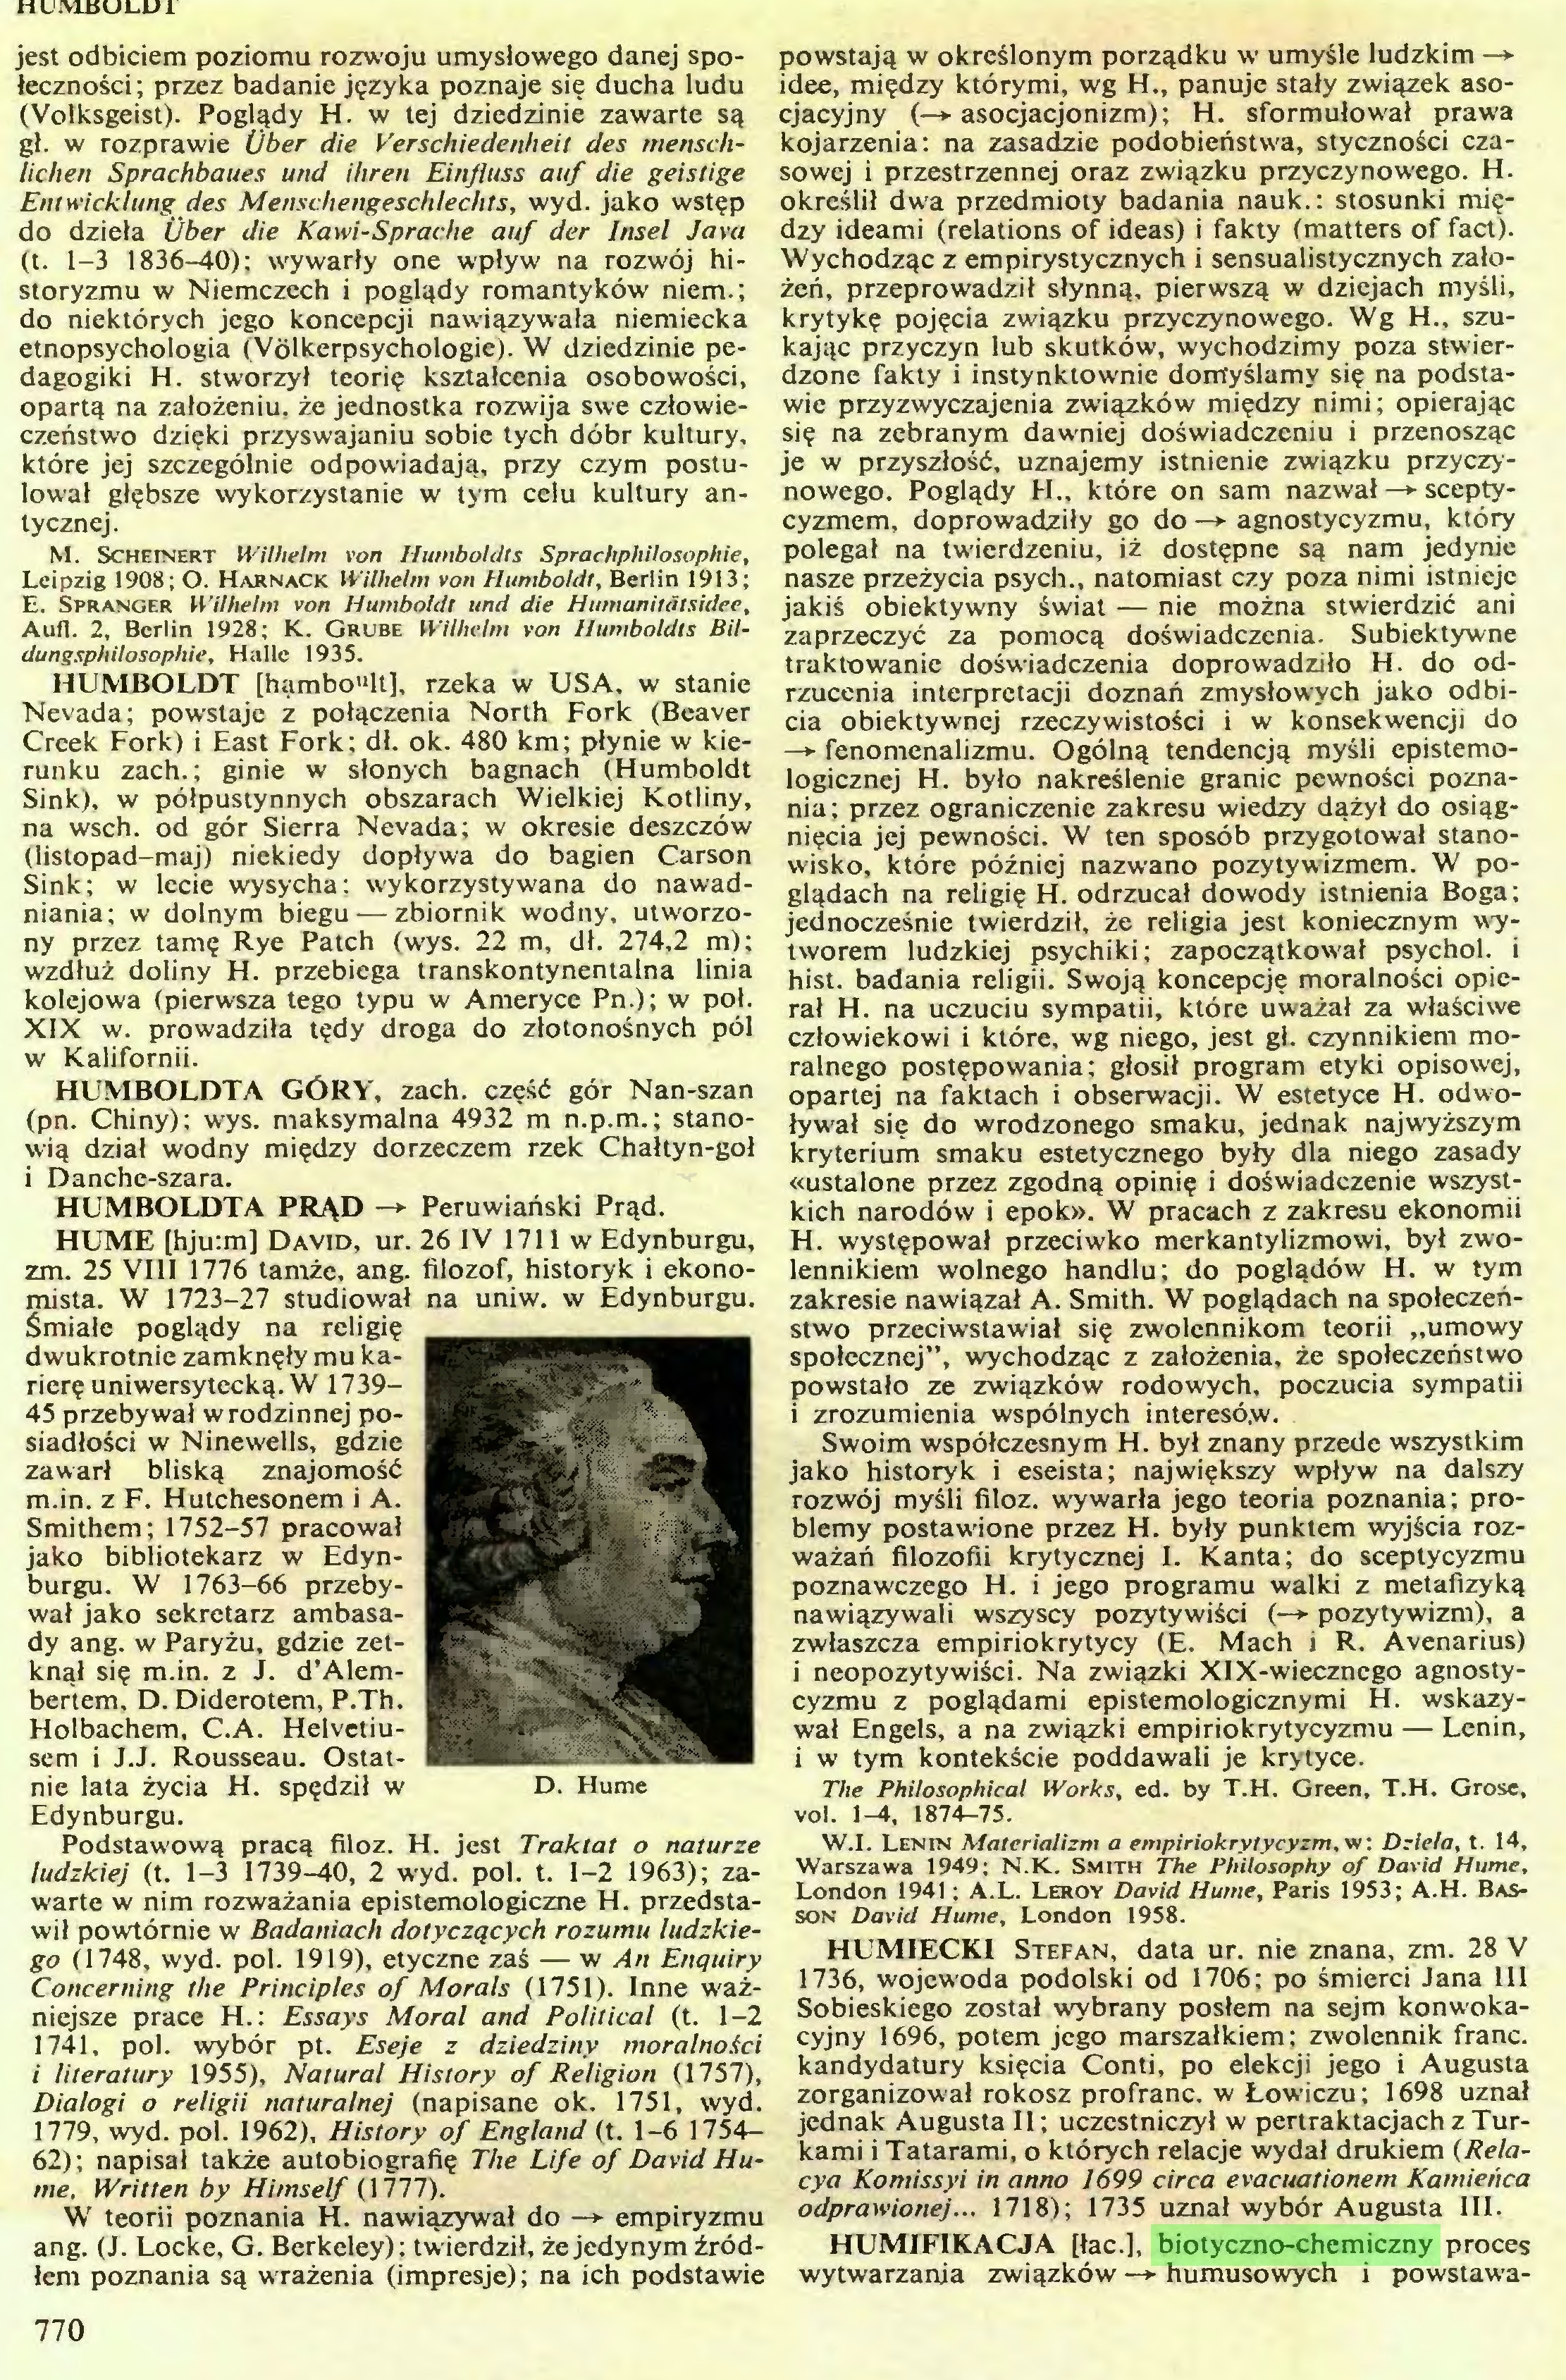 (...) HUMIECKI Stefan, data ur. nie znana, zm. 28 V 1736, wojewoda podolski od 1706; po śmierci Jana III Sobieskiego został wybrany posłem na sejm konwokacyjny 1696, potem jego marszałkiem ; zwolennik franc, kandydatury księcia Conti, po elekcji jego i Augusta zorganizował rokosz profranc, w Łowiczu; 1698 uznał jednak Augusta II; uczestniczył w pertraktacjach z Turkami i Tatarami, o których relacje wydał drukiem (Relacya Komissyi in anno 1699 circa evacuationem Kamieńca odprawionej... 1718); 1735 uznał wybór Augusta III, HUMIFIKACJA Pac.], biotyczno-chemiczny proces wytwarzania związków —> humusowych i powstawa770 HUMUSOWE ZWIĄZKI...